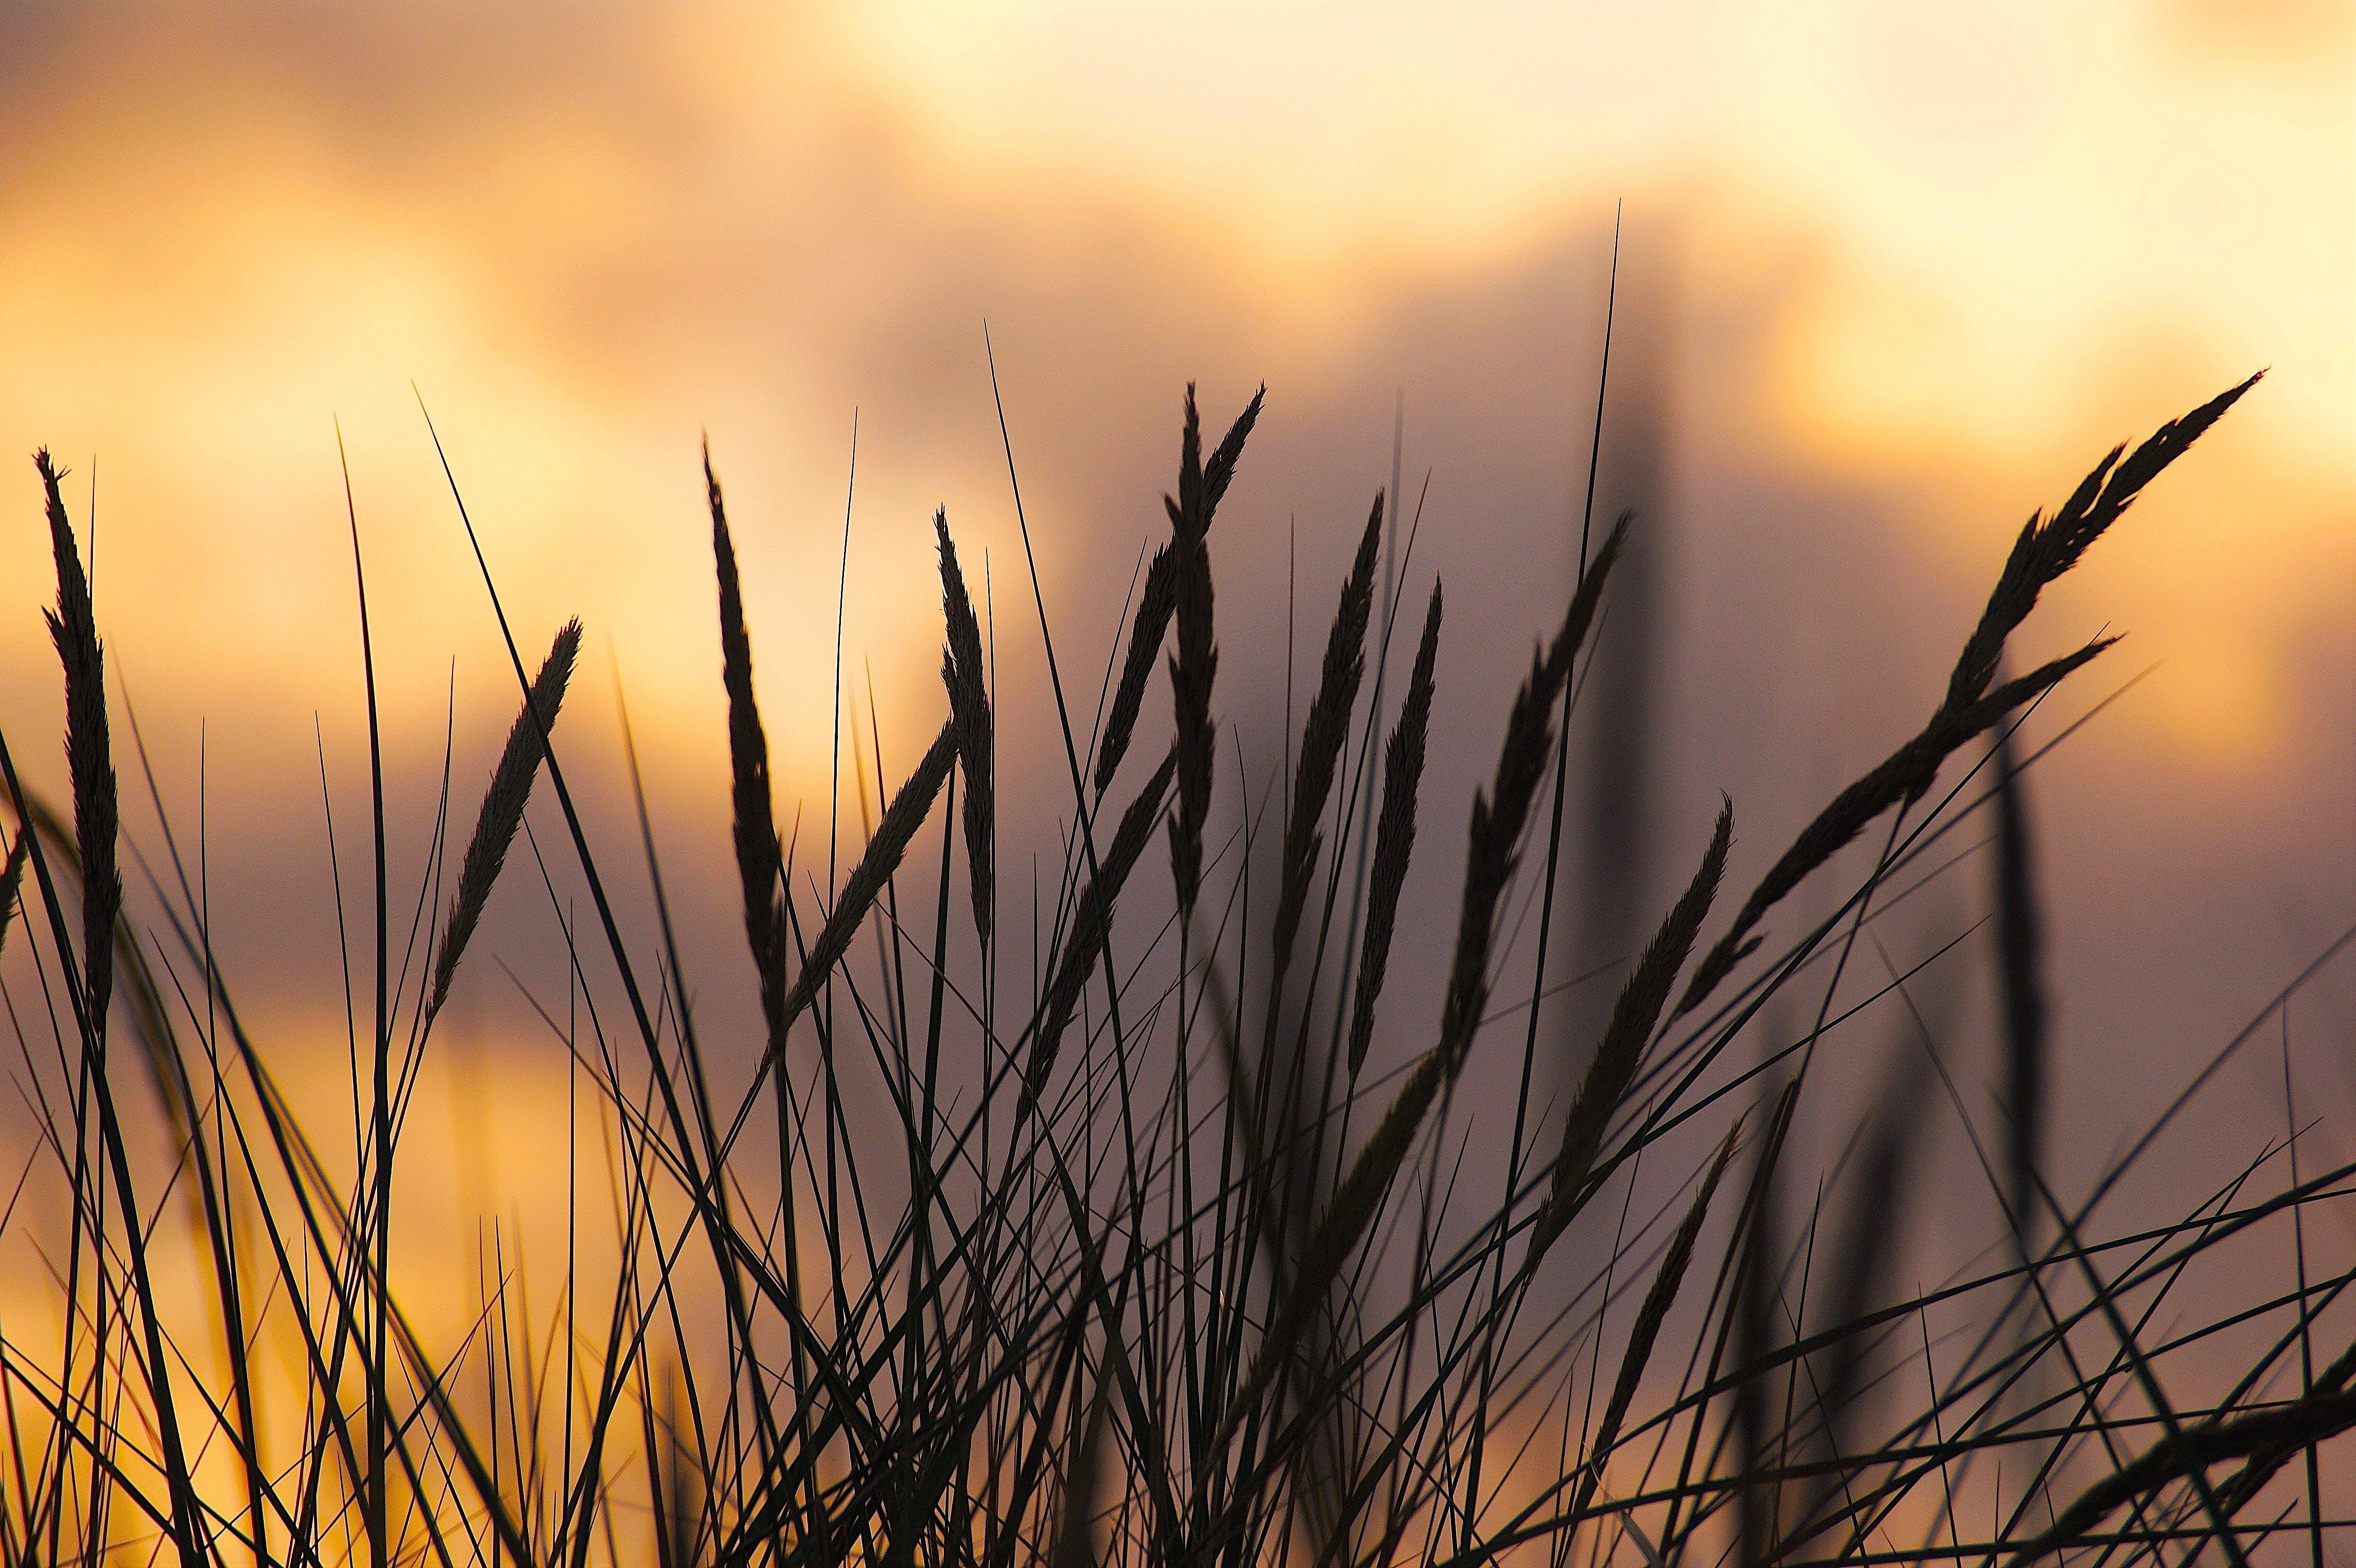 Ilmainen kuvapankkikuva tunnisteilla aamu, auringonlasku, auringonvalo, ilta